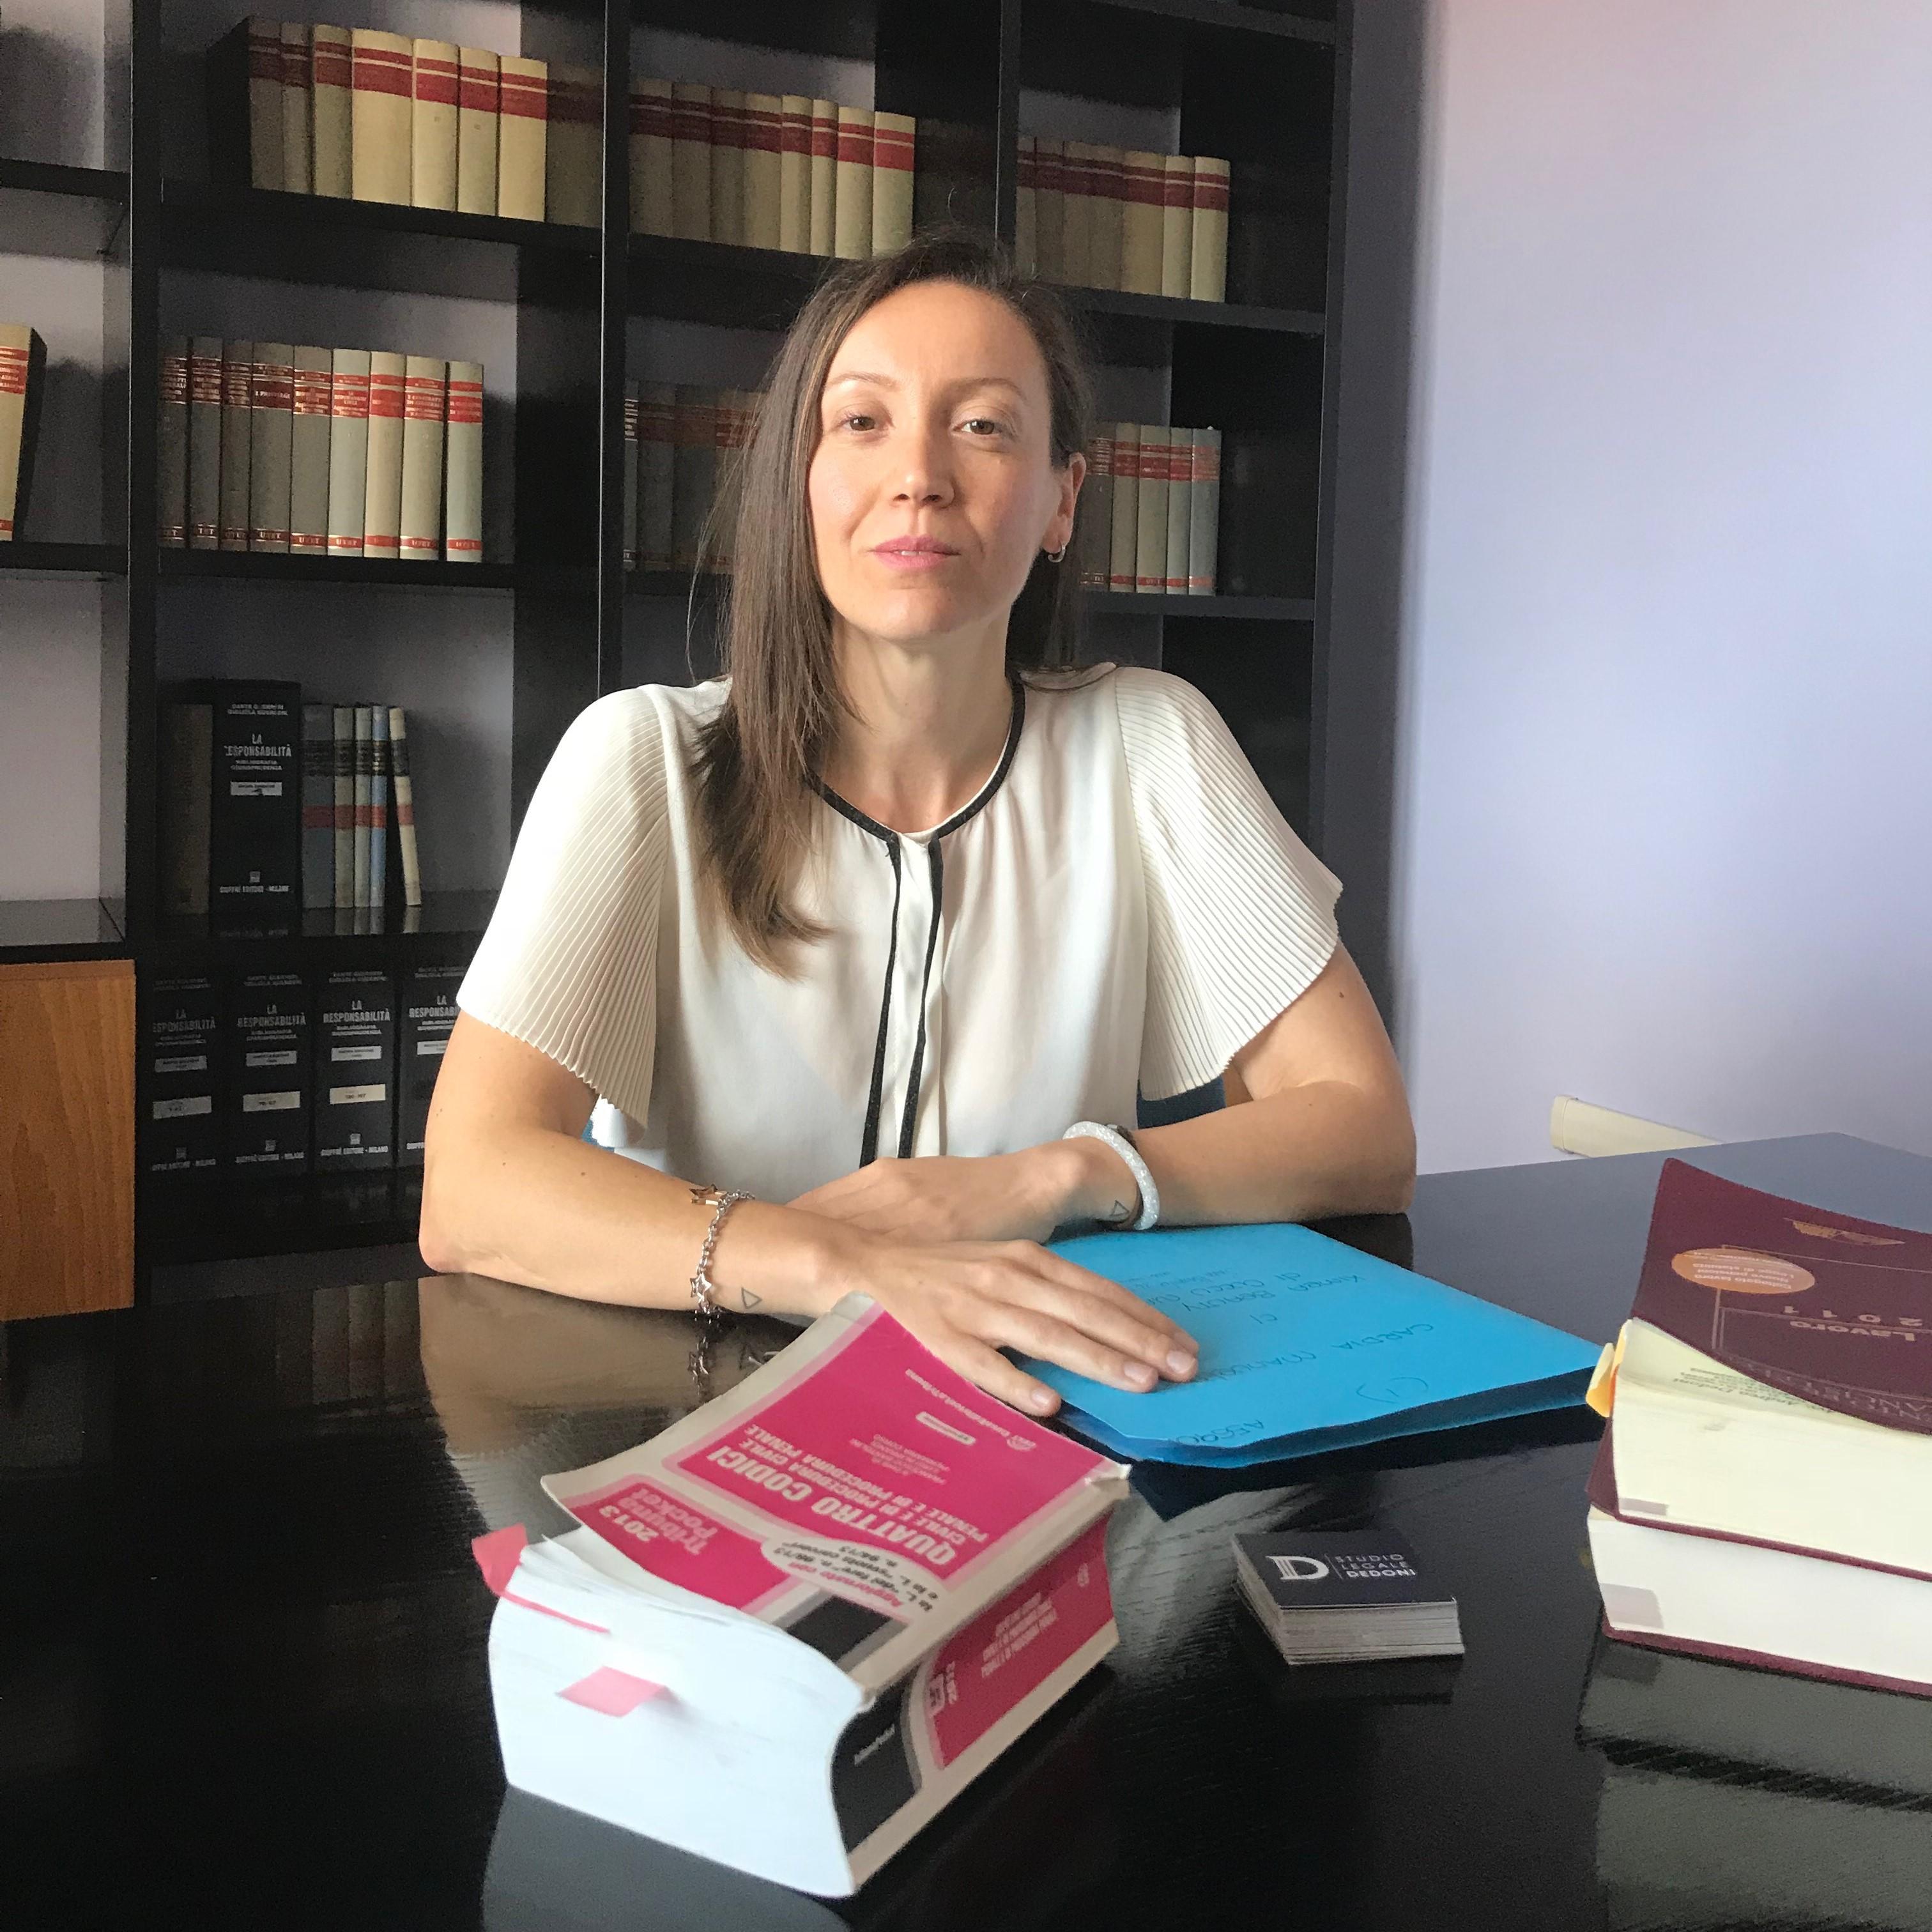 Avv. Danila Furnari - Studio Legale Dedoni avvocati Cagliari